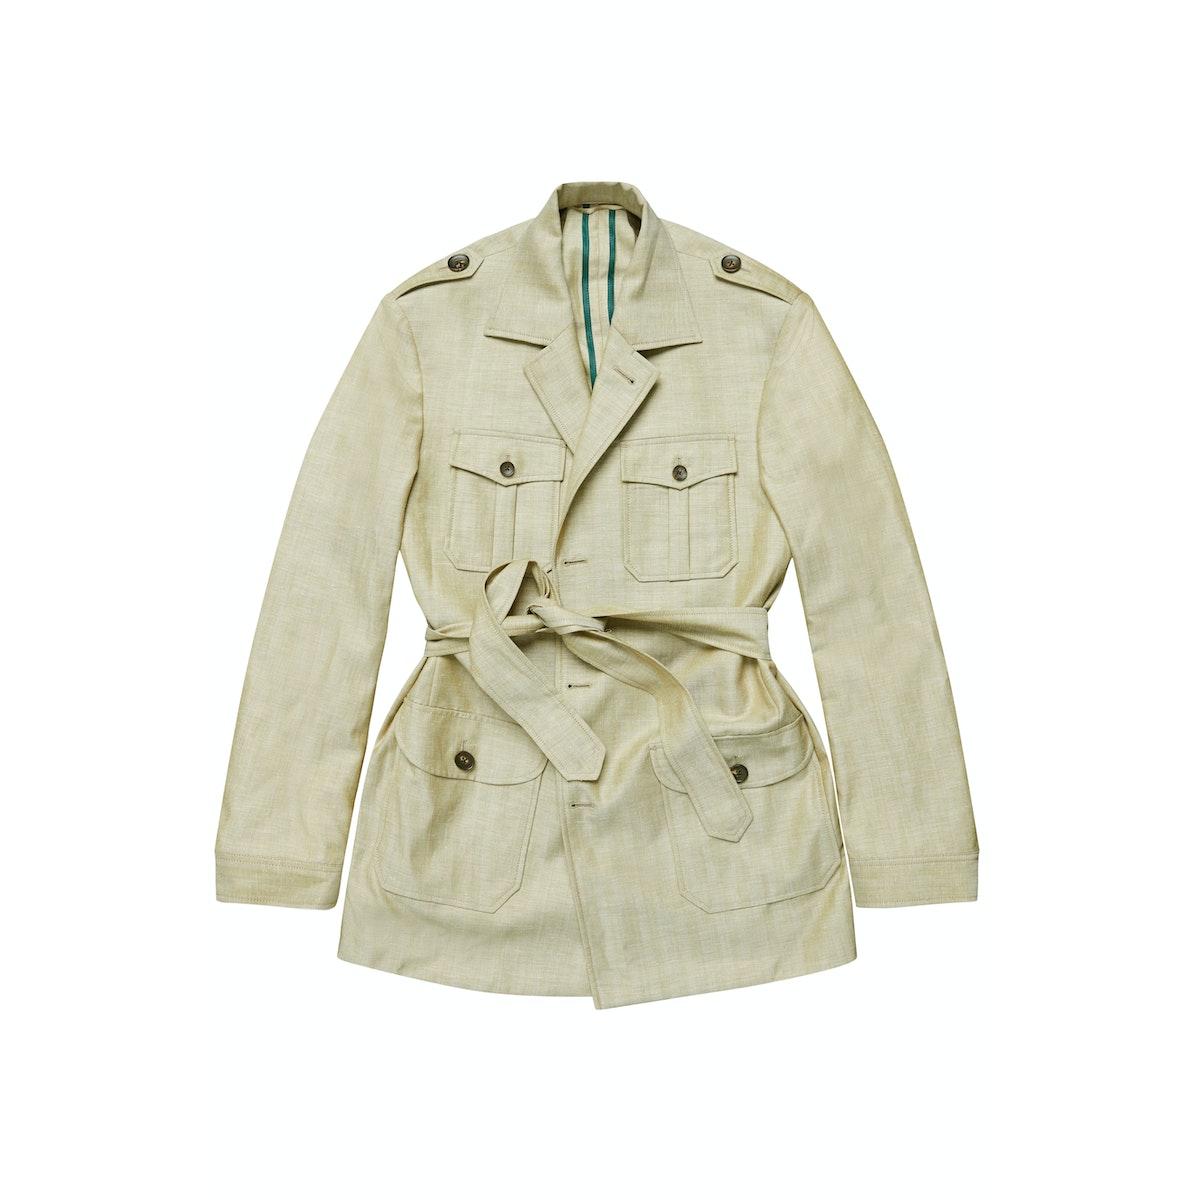 The Grampians Beige Wool-Linen Safari Jacket